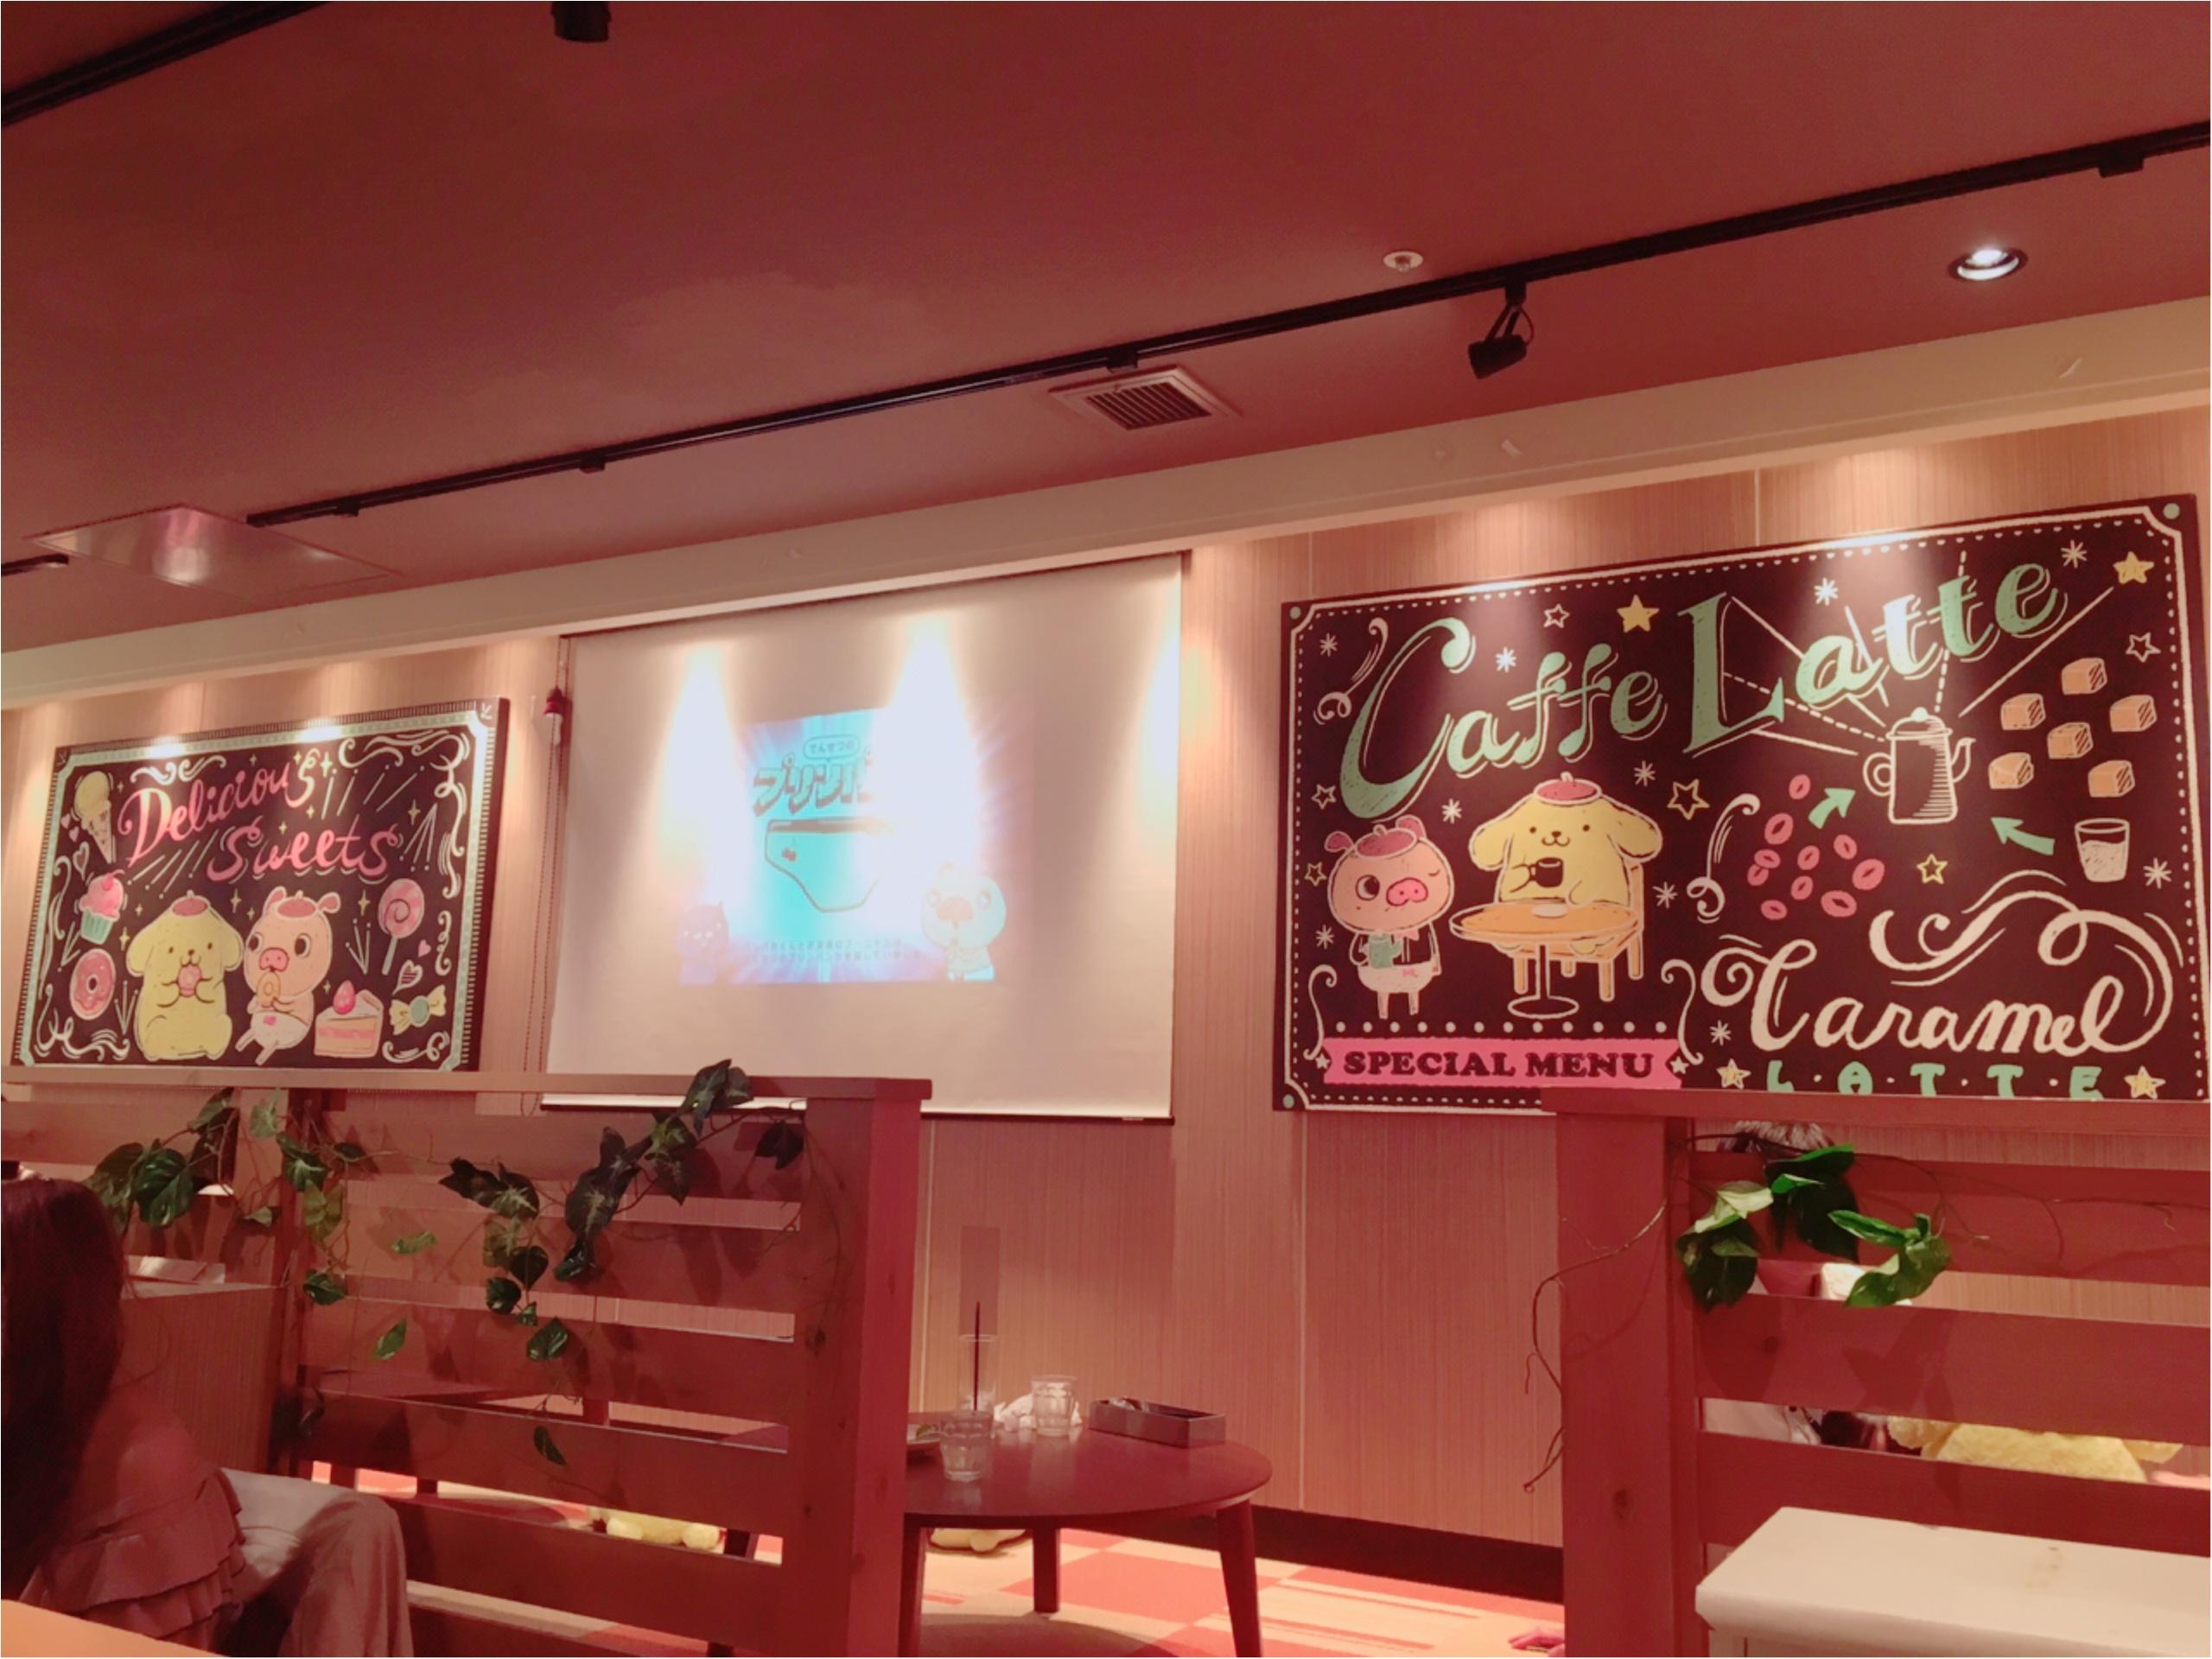 ▽・ω・▽【12/3まで!】吉祥寺パルコでポムポムプリンとパンパカパンツのコラボカフェが開催中!_5